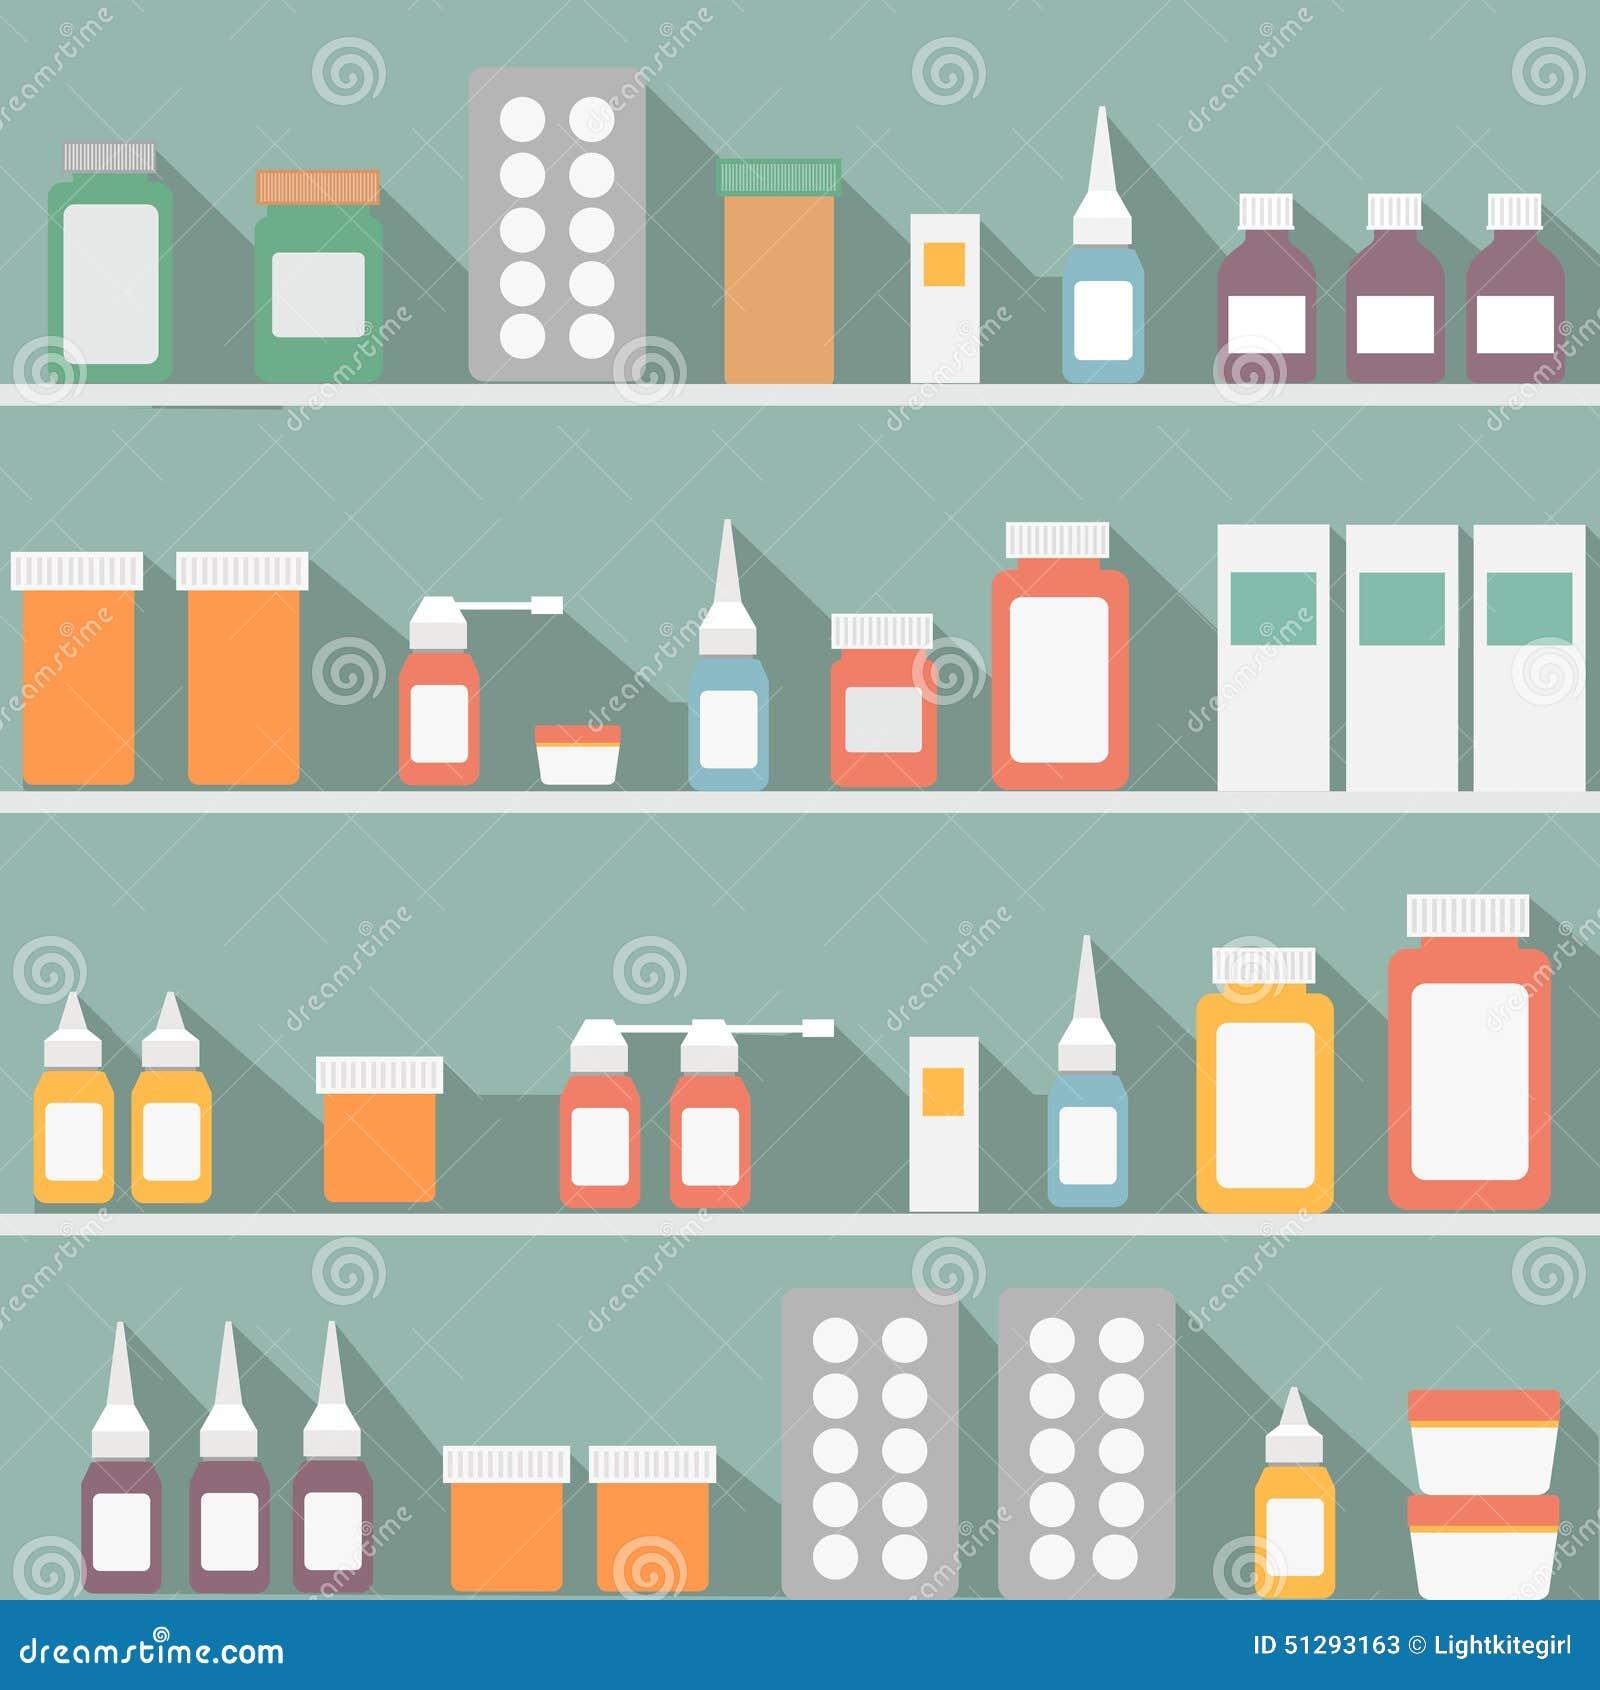 Стекла бутылок плоского стиля медицинские фармацевтические